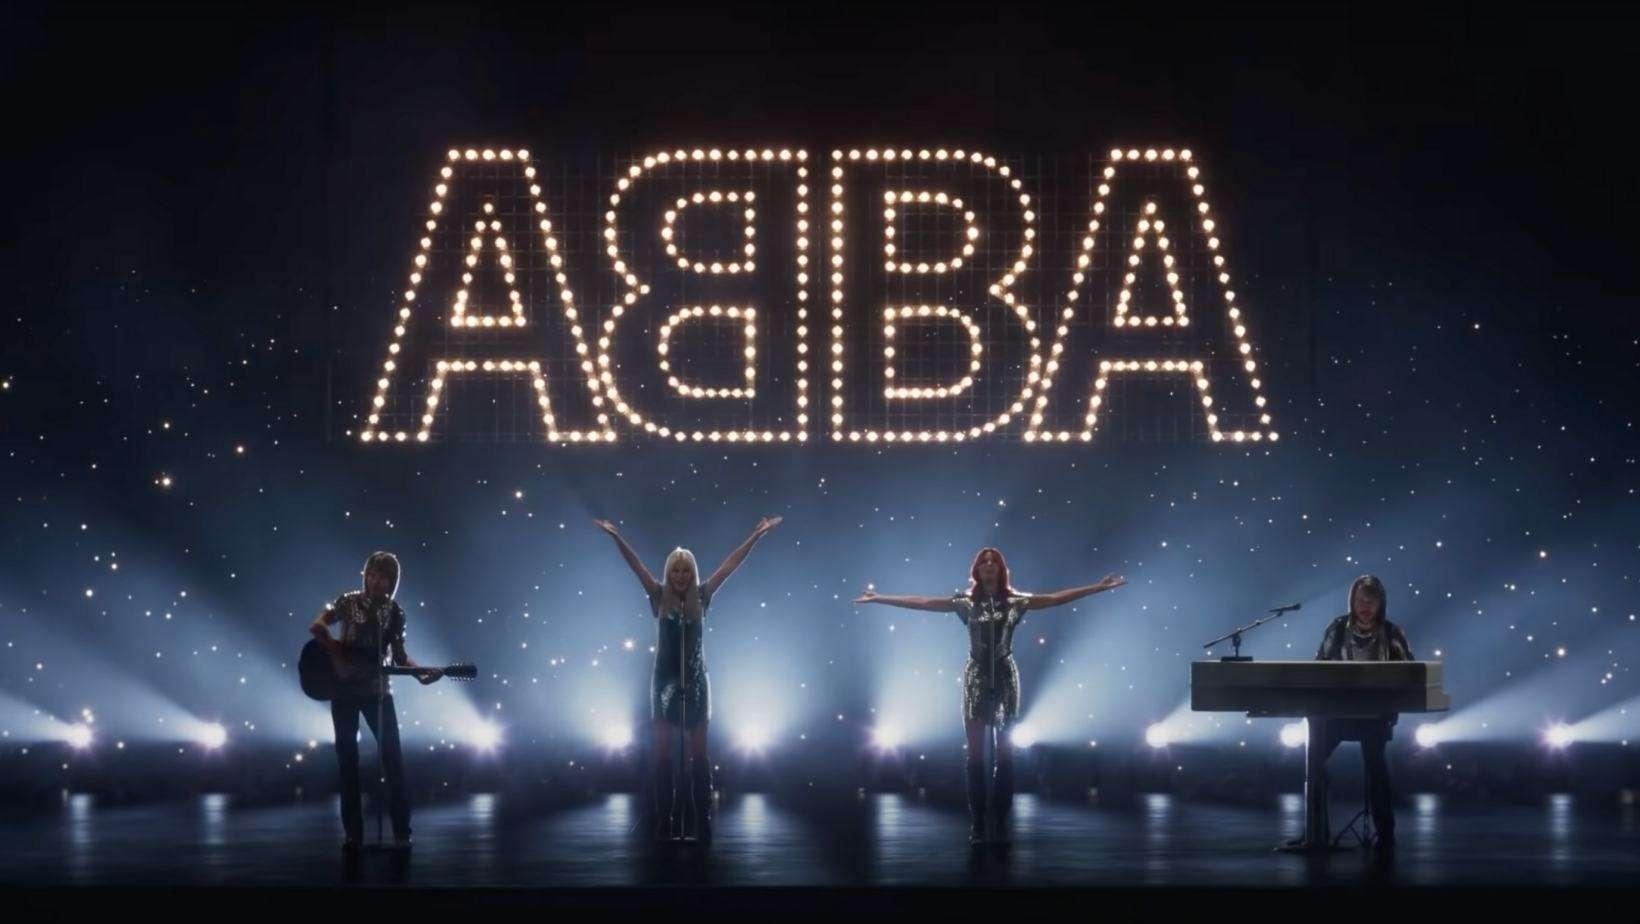 ABBA Voyage - Live Bild aus dem aktuellen YouTube Video